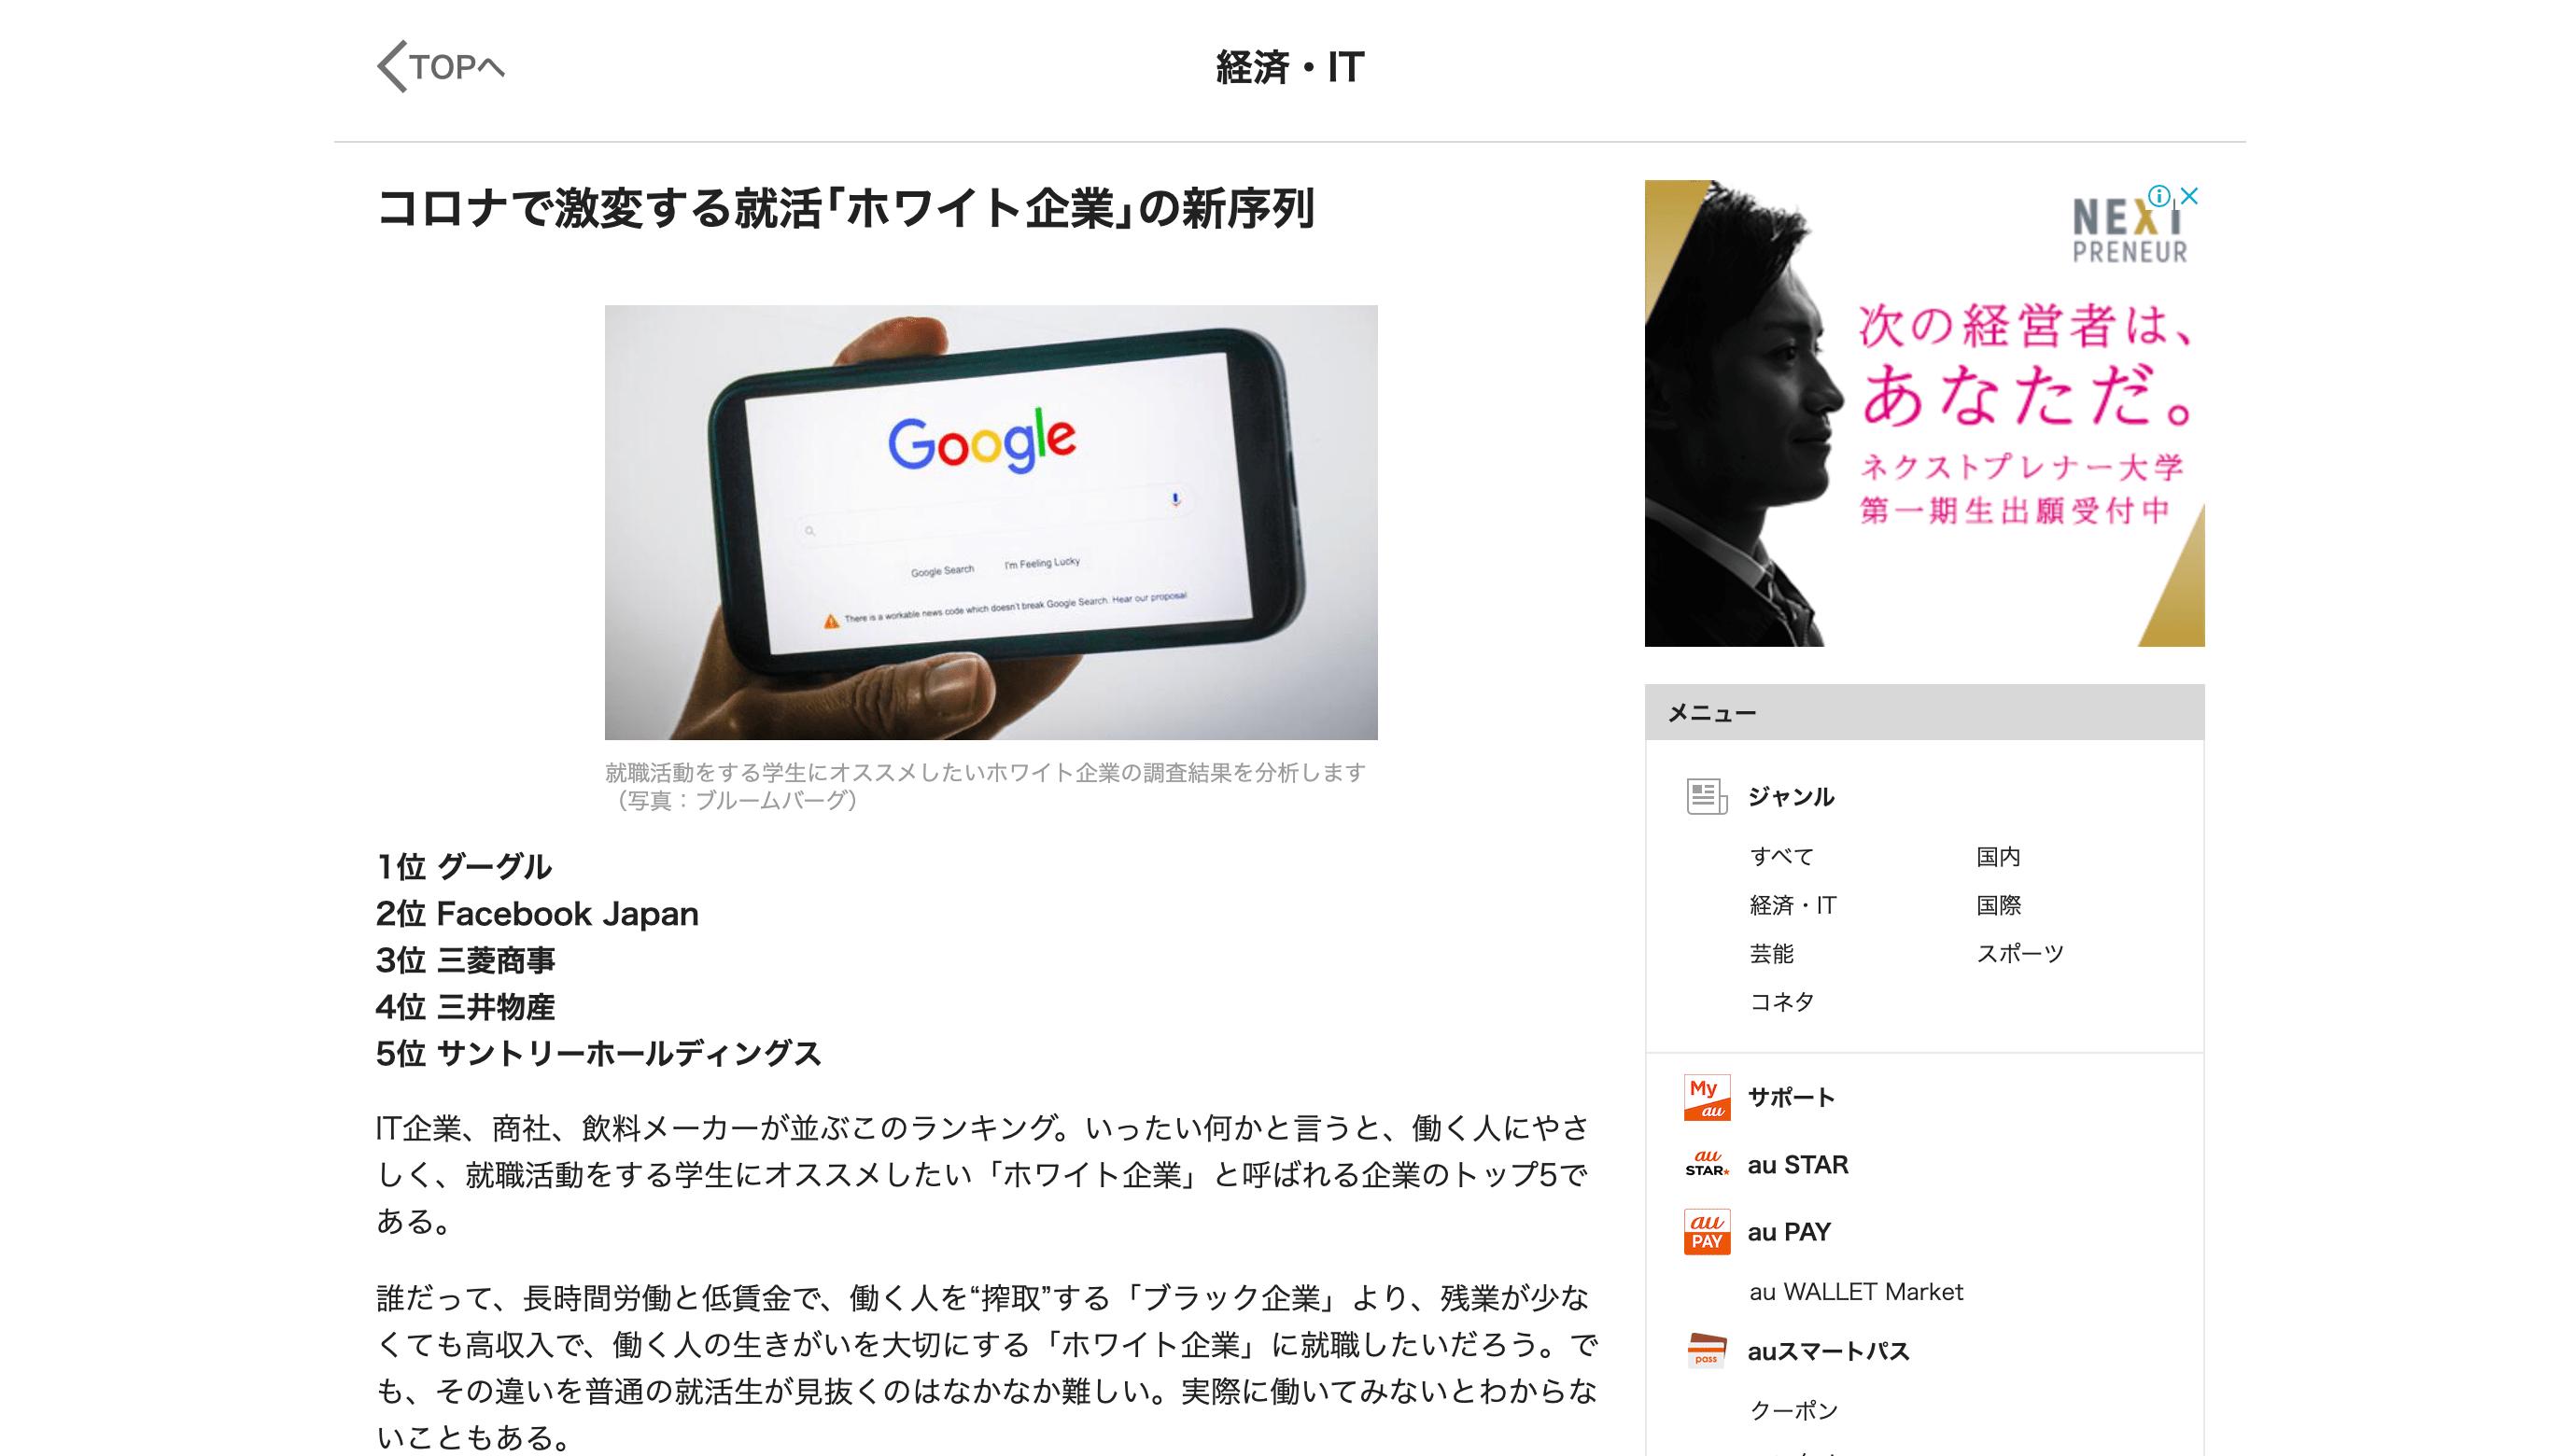 au webでの紹介記事